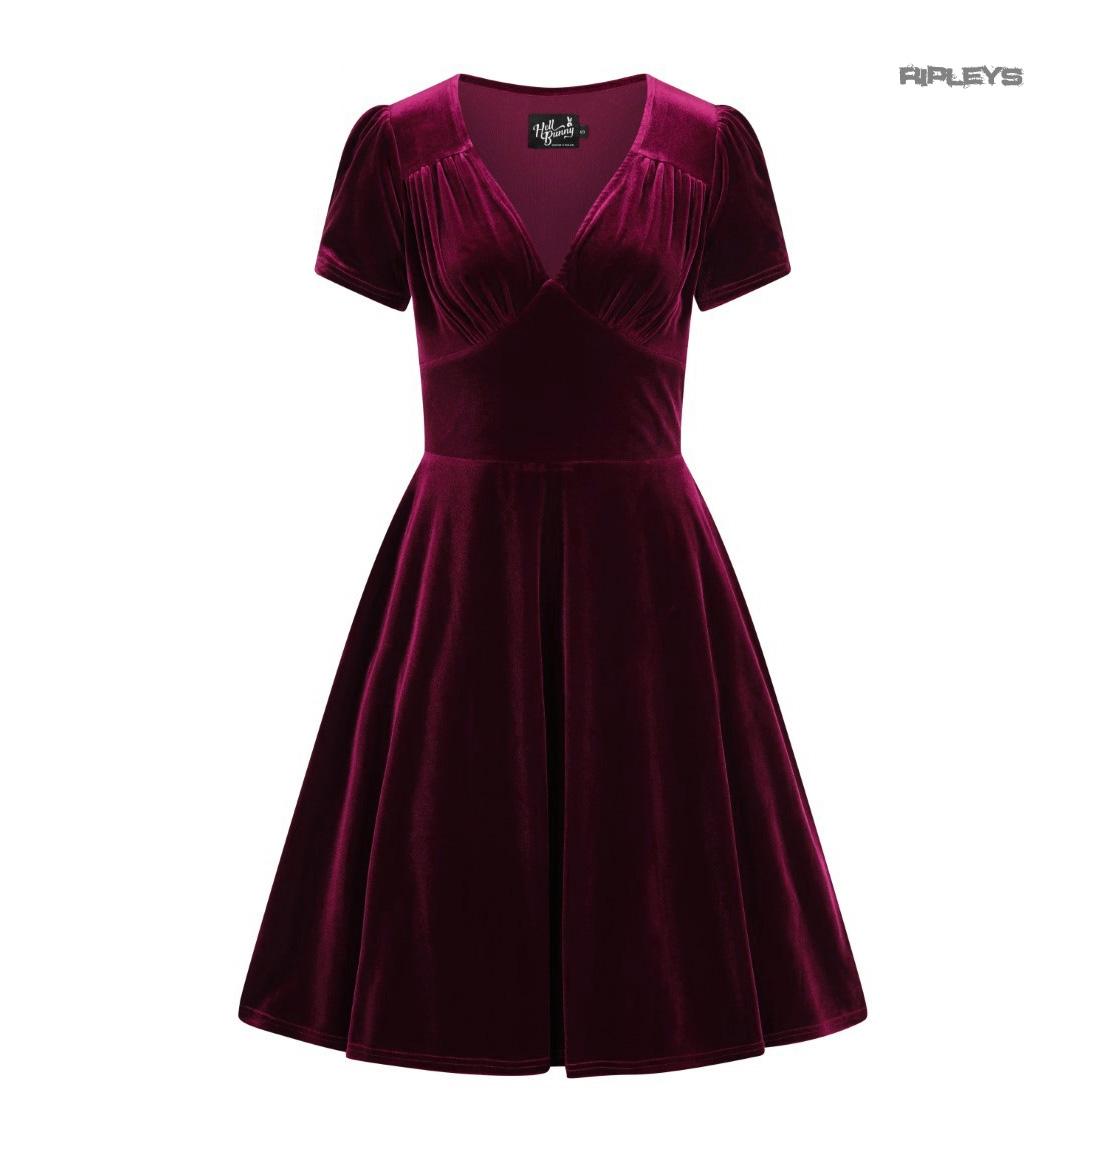 Hell-Bunny-40s-50s-Elegant-Pin-Up-Dress-JOANNE-Crushed-Velvet-Burgundy-All-Sizes thumbnail 46